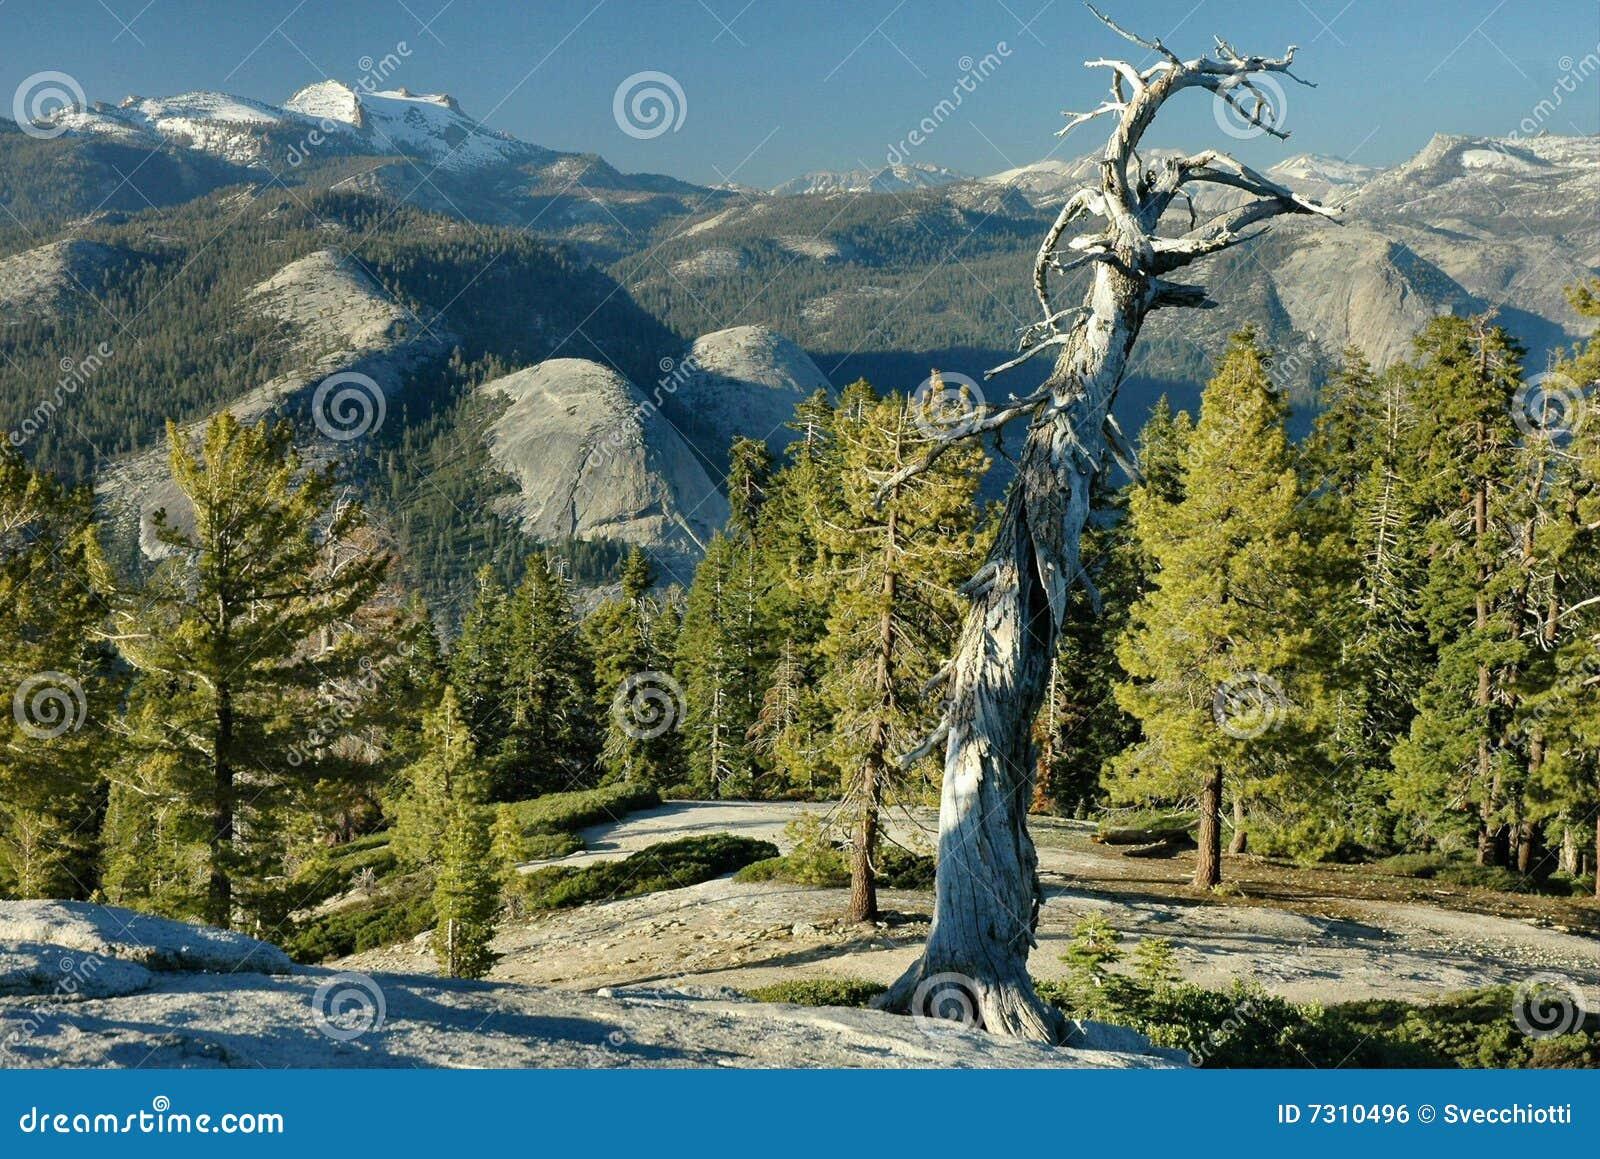 Sentinel Dome Evening, Yosemite